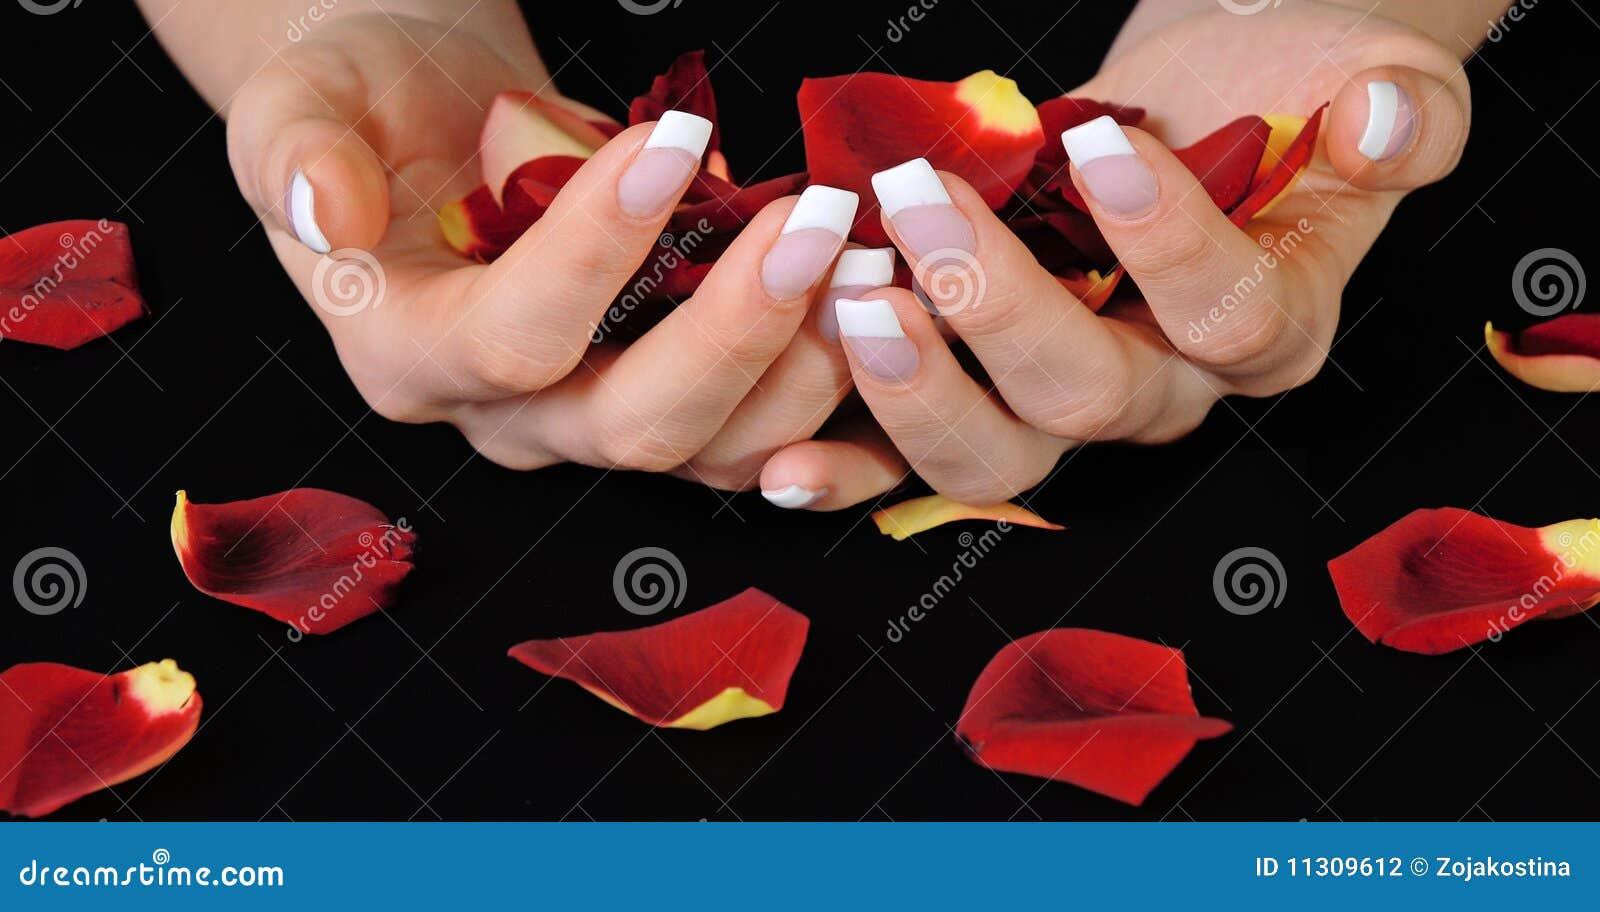 Französische Maniküre und rosafarbene Blumenblätter